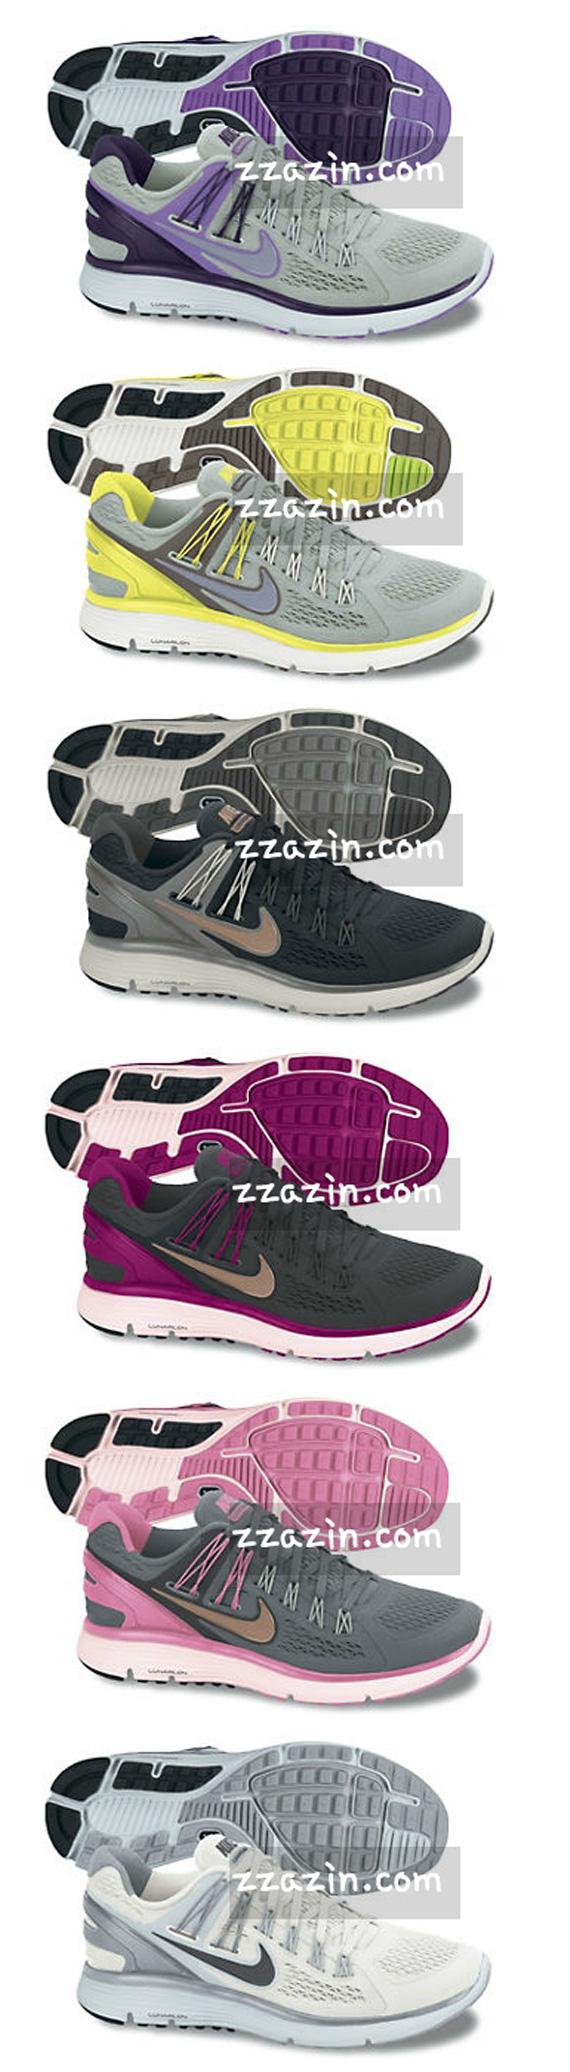 Nike lunar eclipse 2013 nike - Ebay Marketplace Logo Undefeated X Nike